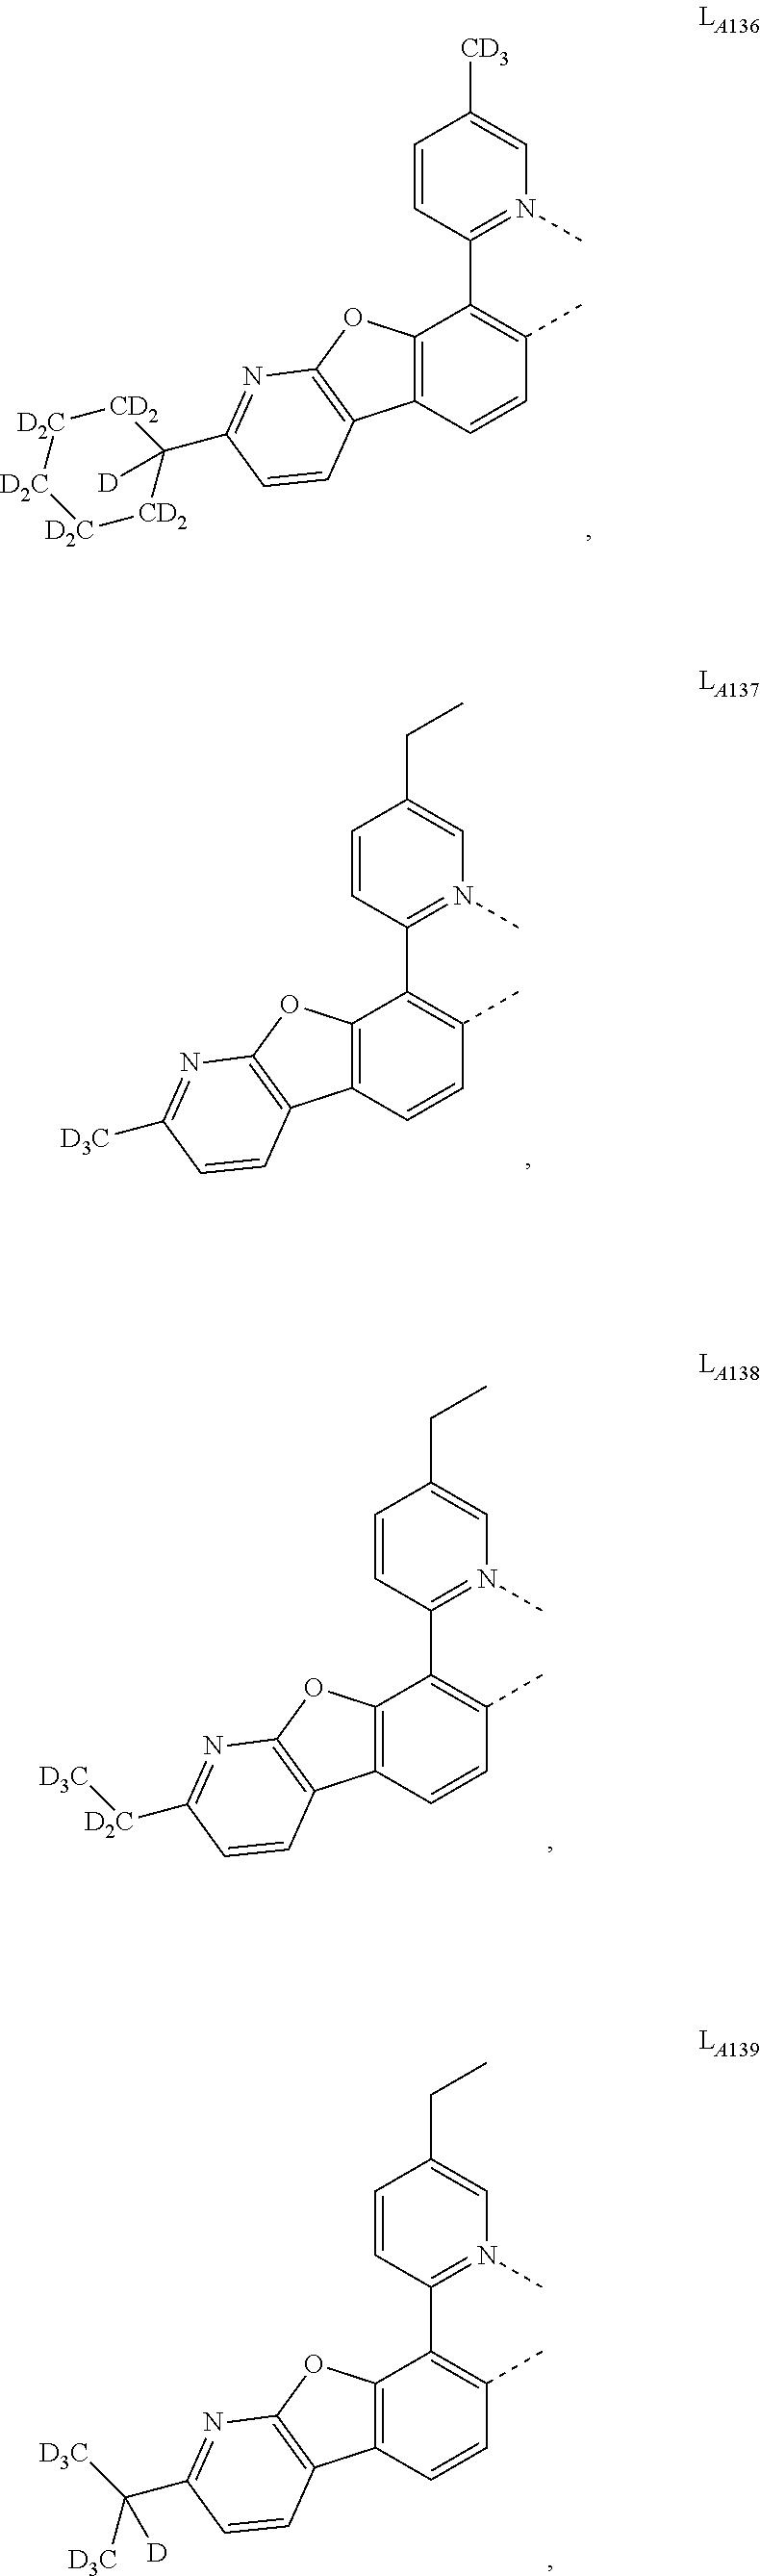 Figure US20160049599A1-20160218-C00039